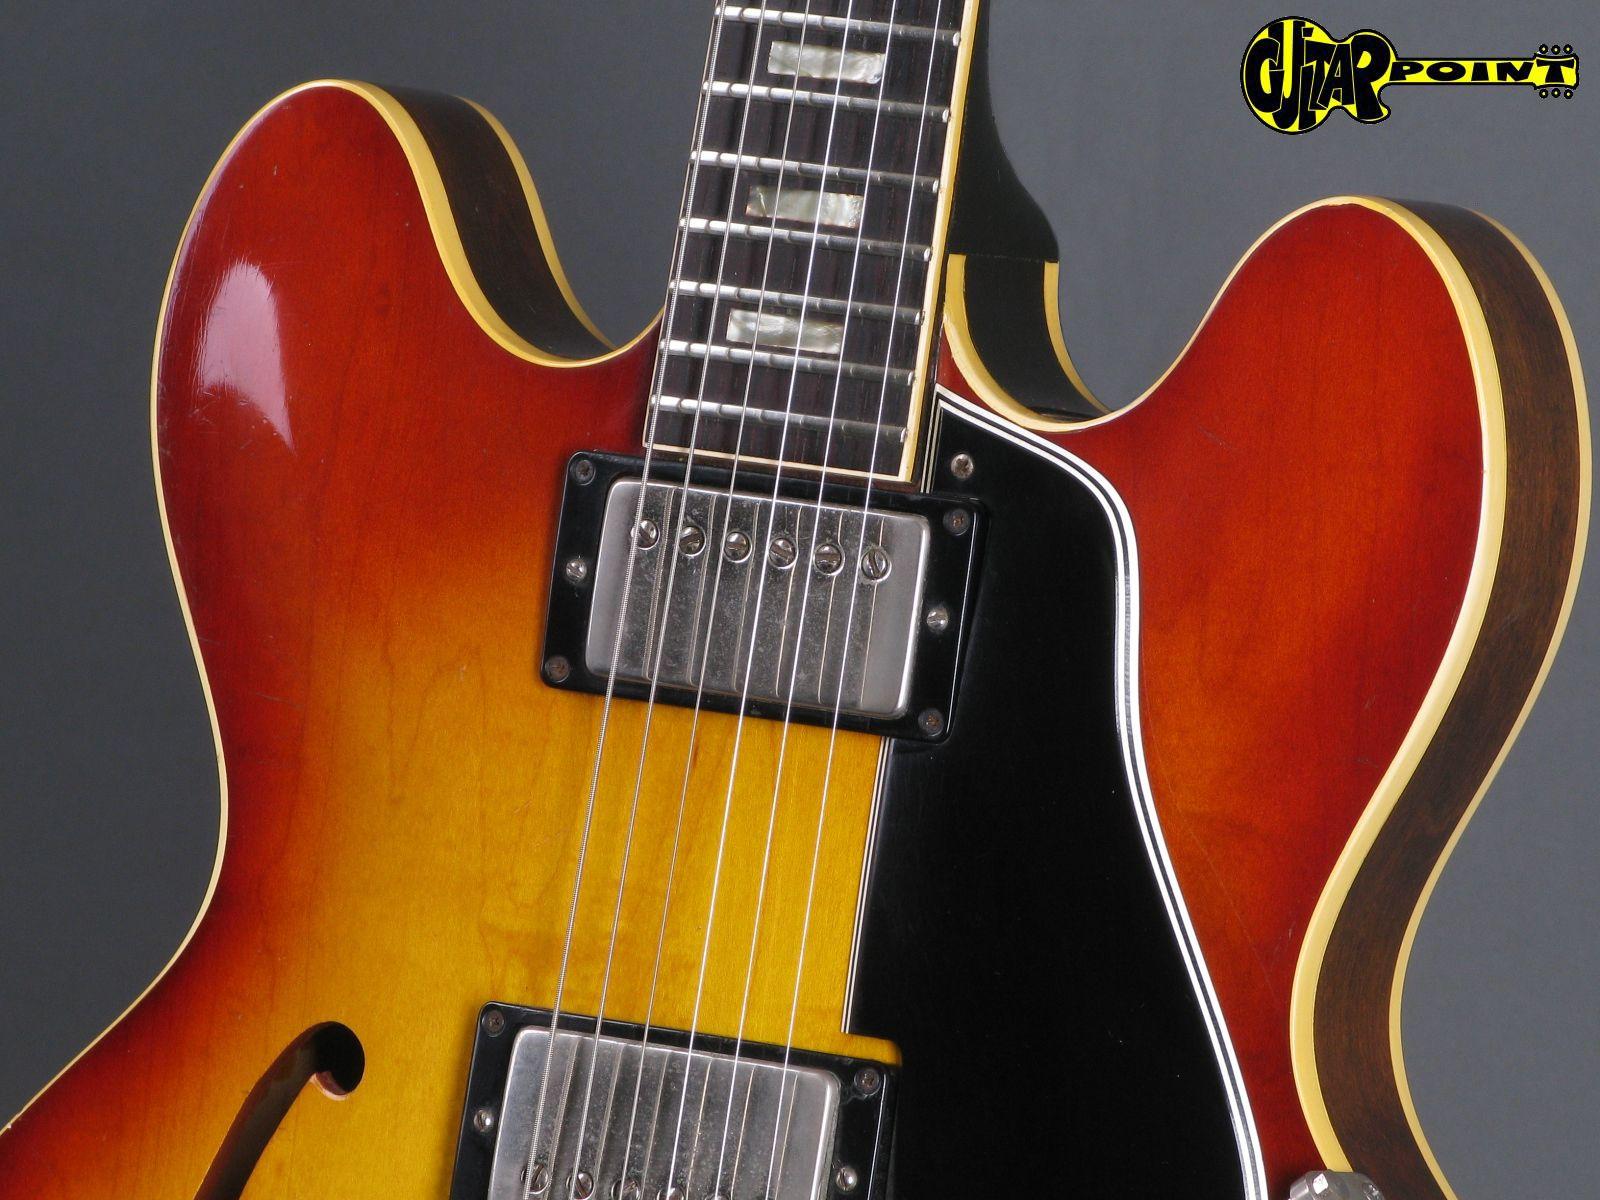 gibson es 335 td 1965 sunburst guitar for sale guitarpoint. Black Bedroom Furniture Sets. Home Design Ideas